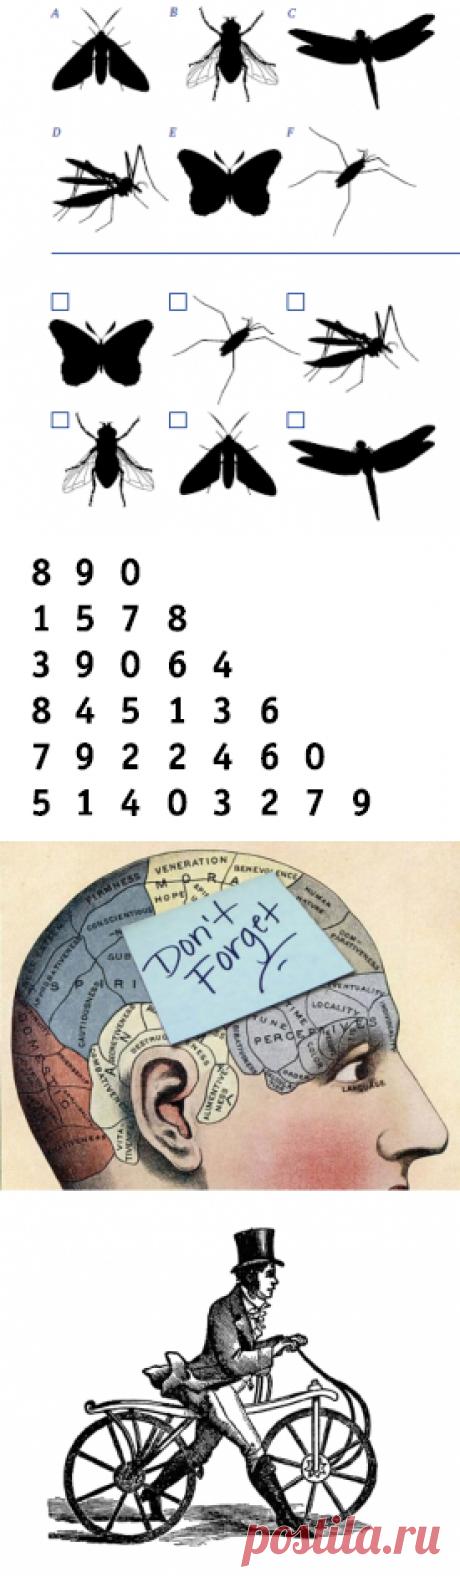 Вспомнить всё: пять упражнений для улучшения памяти   Блог издательства «Манн, Иванов и Фербер»